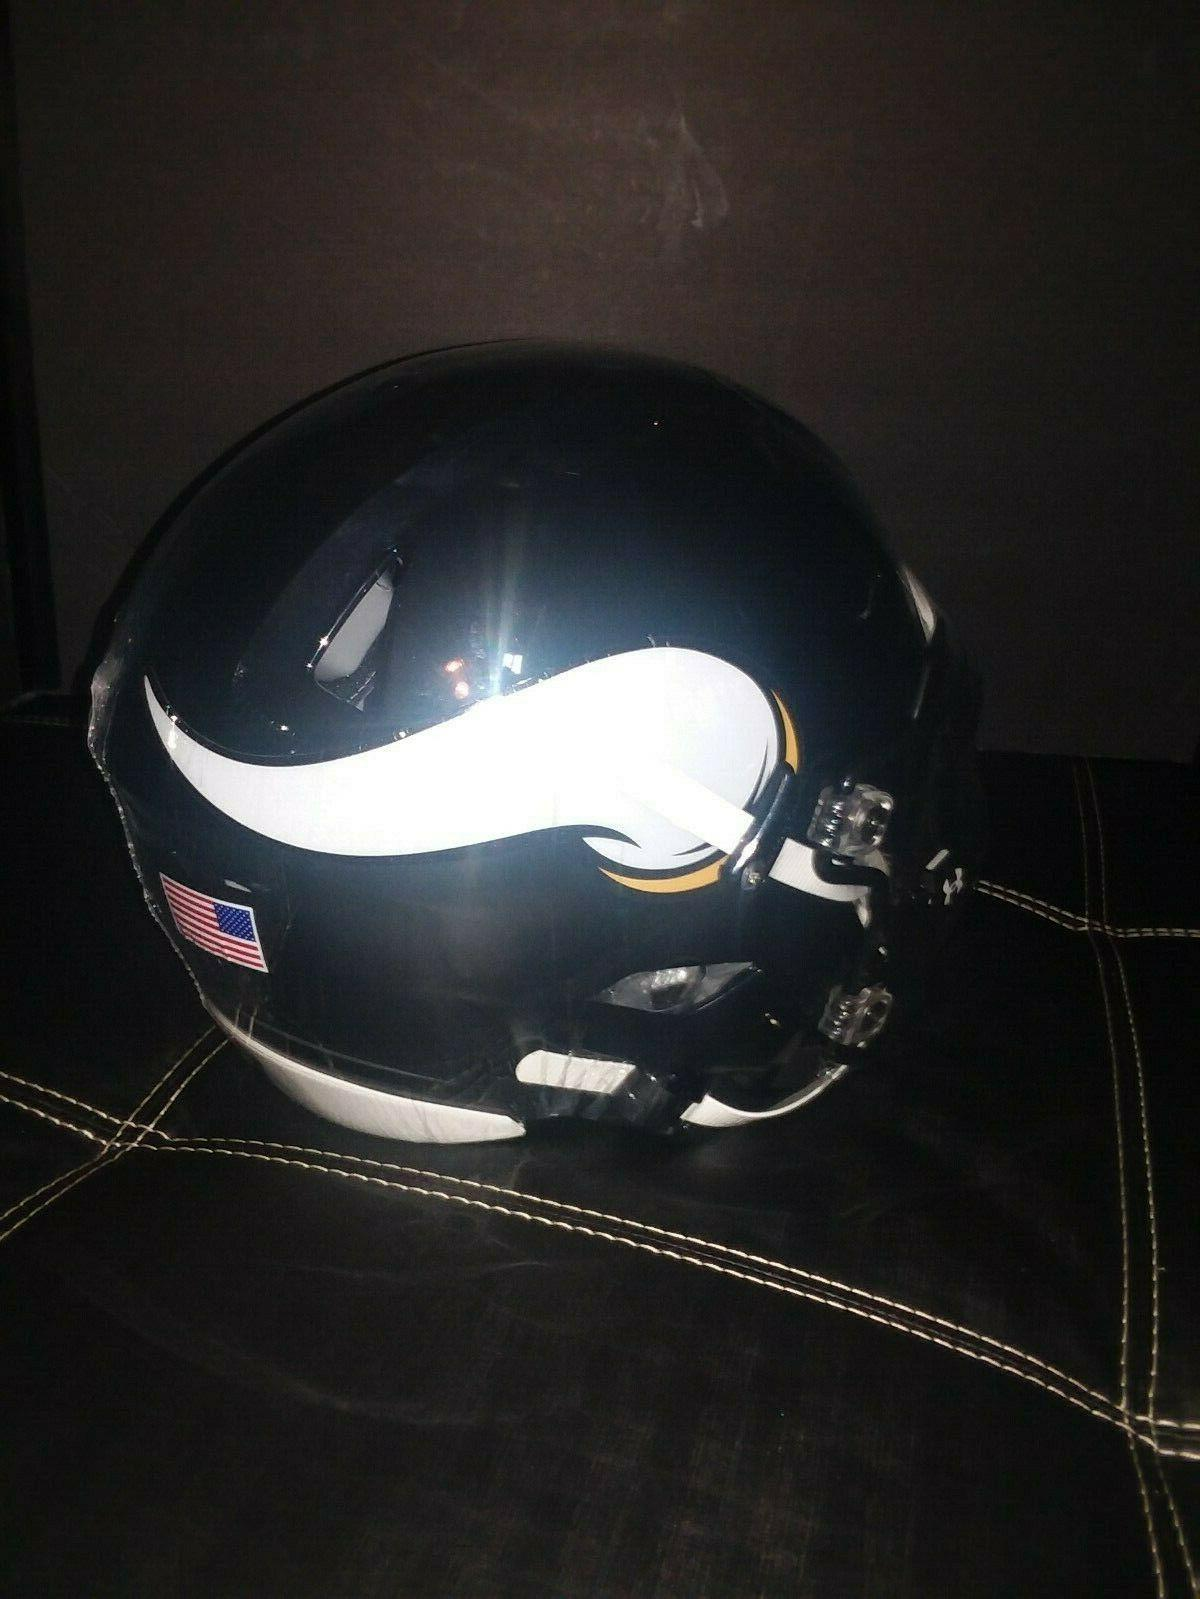 Minnesota Vikings Authentic NFL Football Helmet w/visor